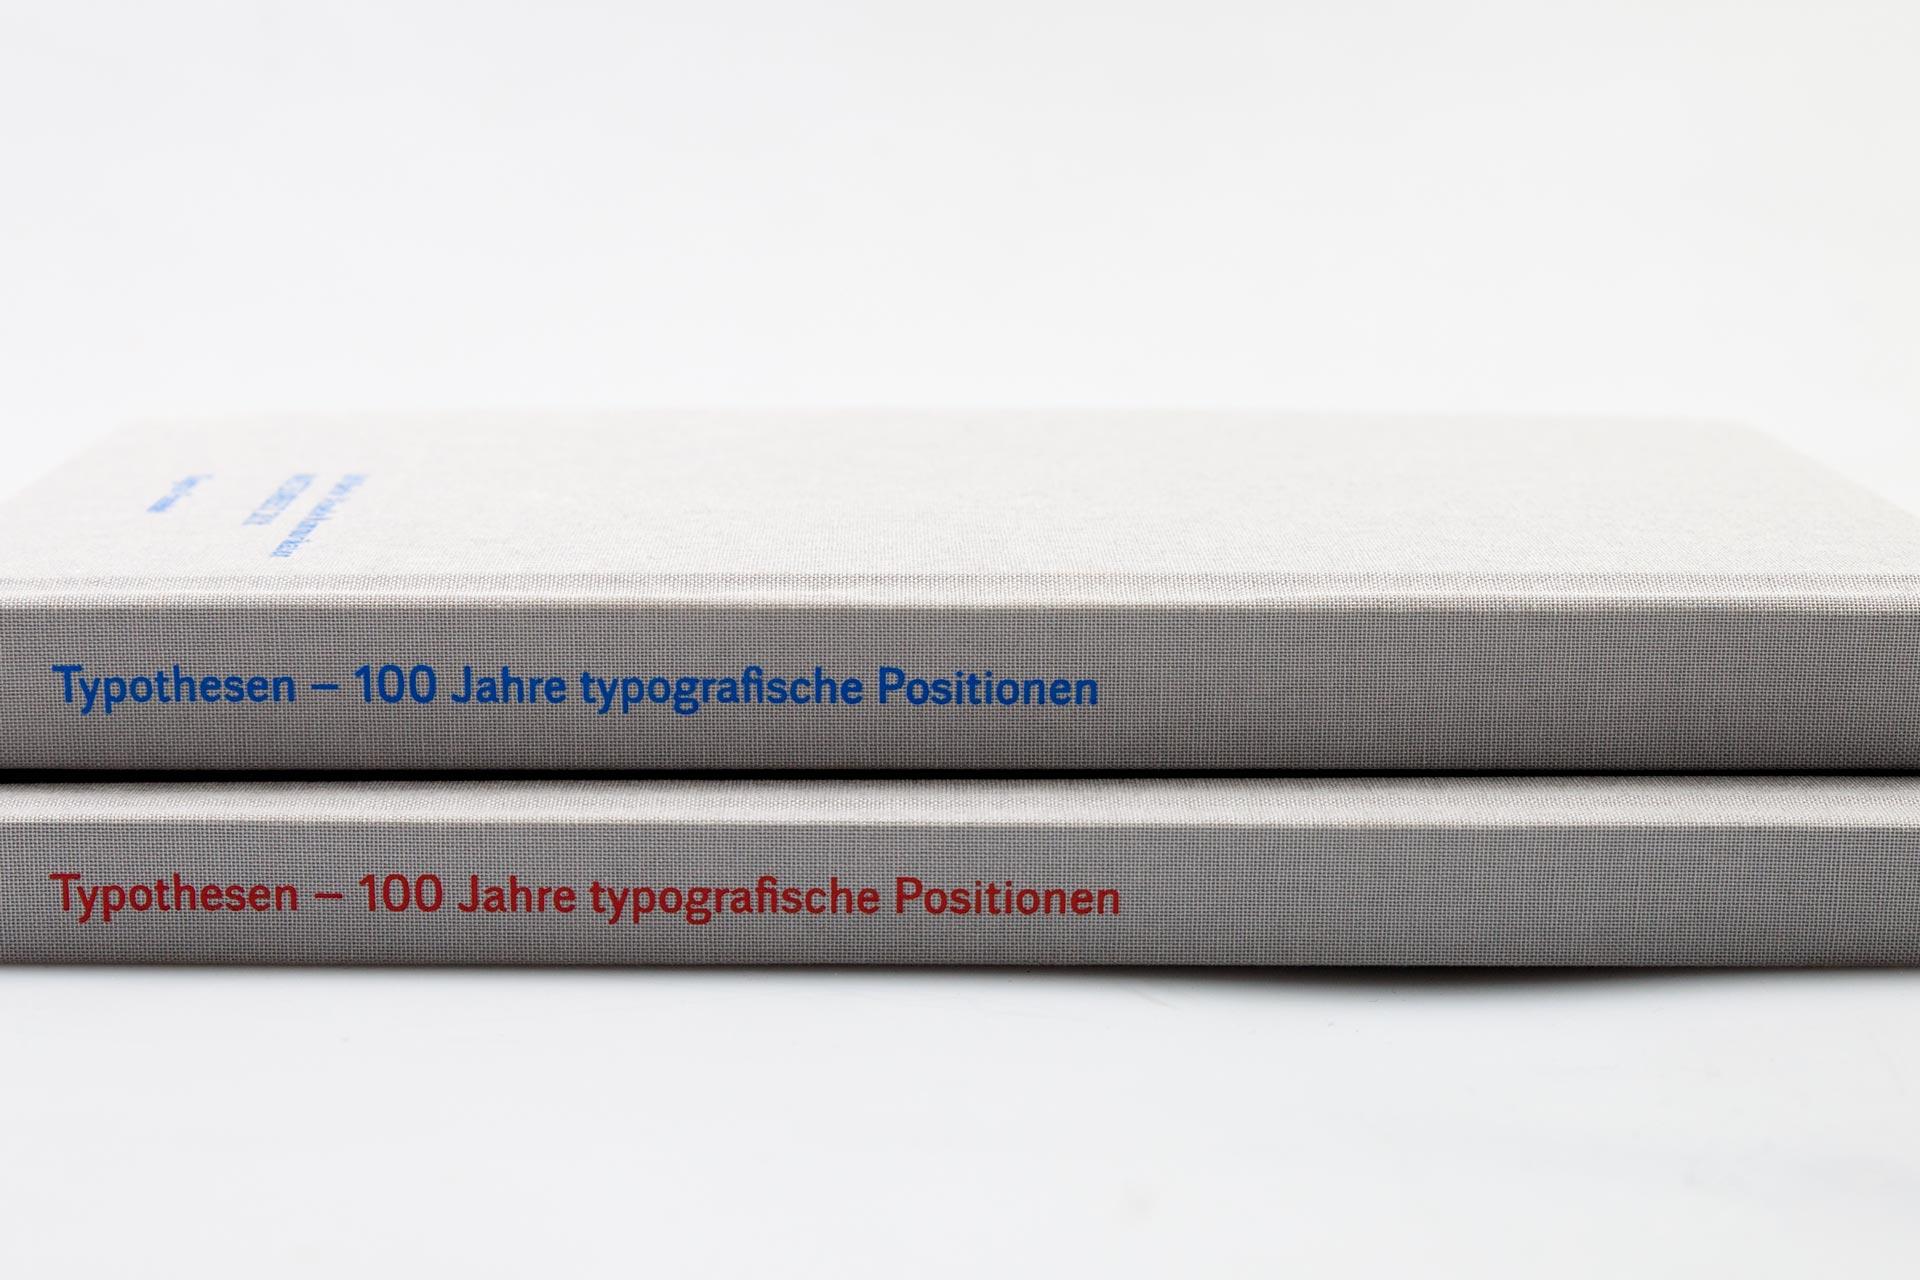 Typothesen — zwei Bücher, ein Inhalt, zwei visuelle Konzepte